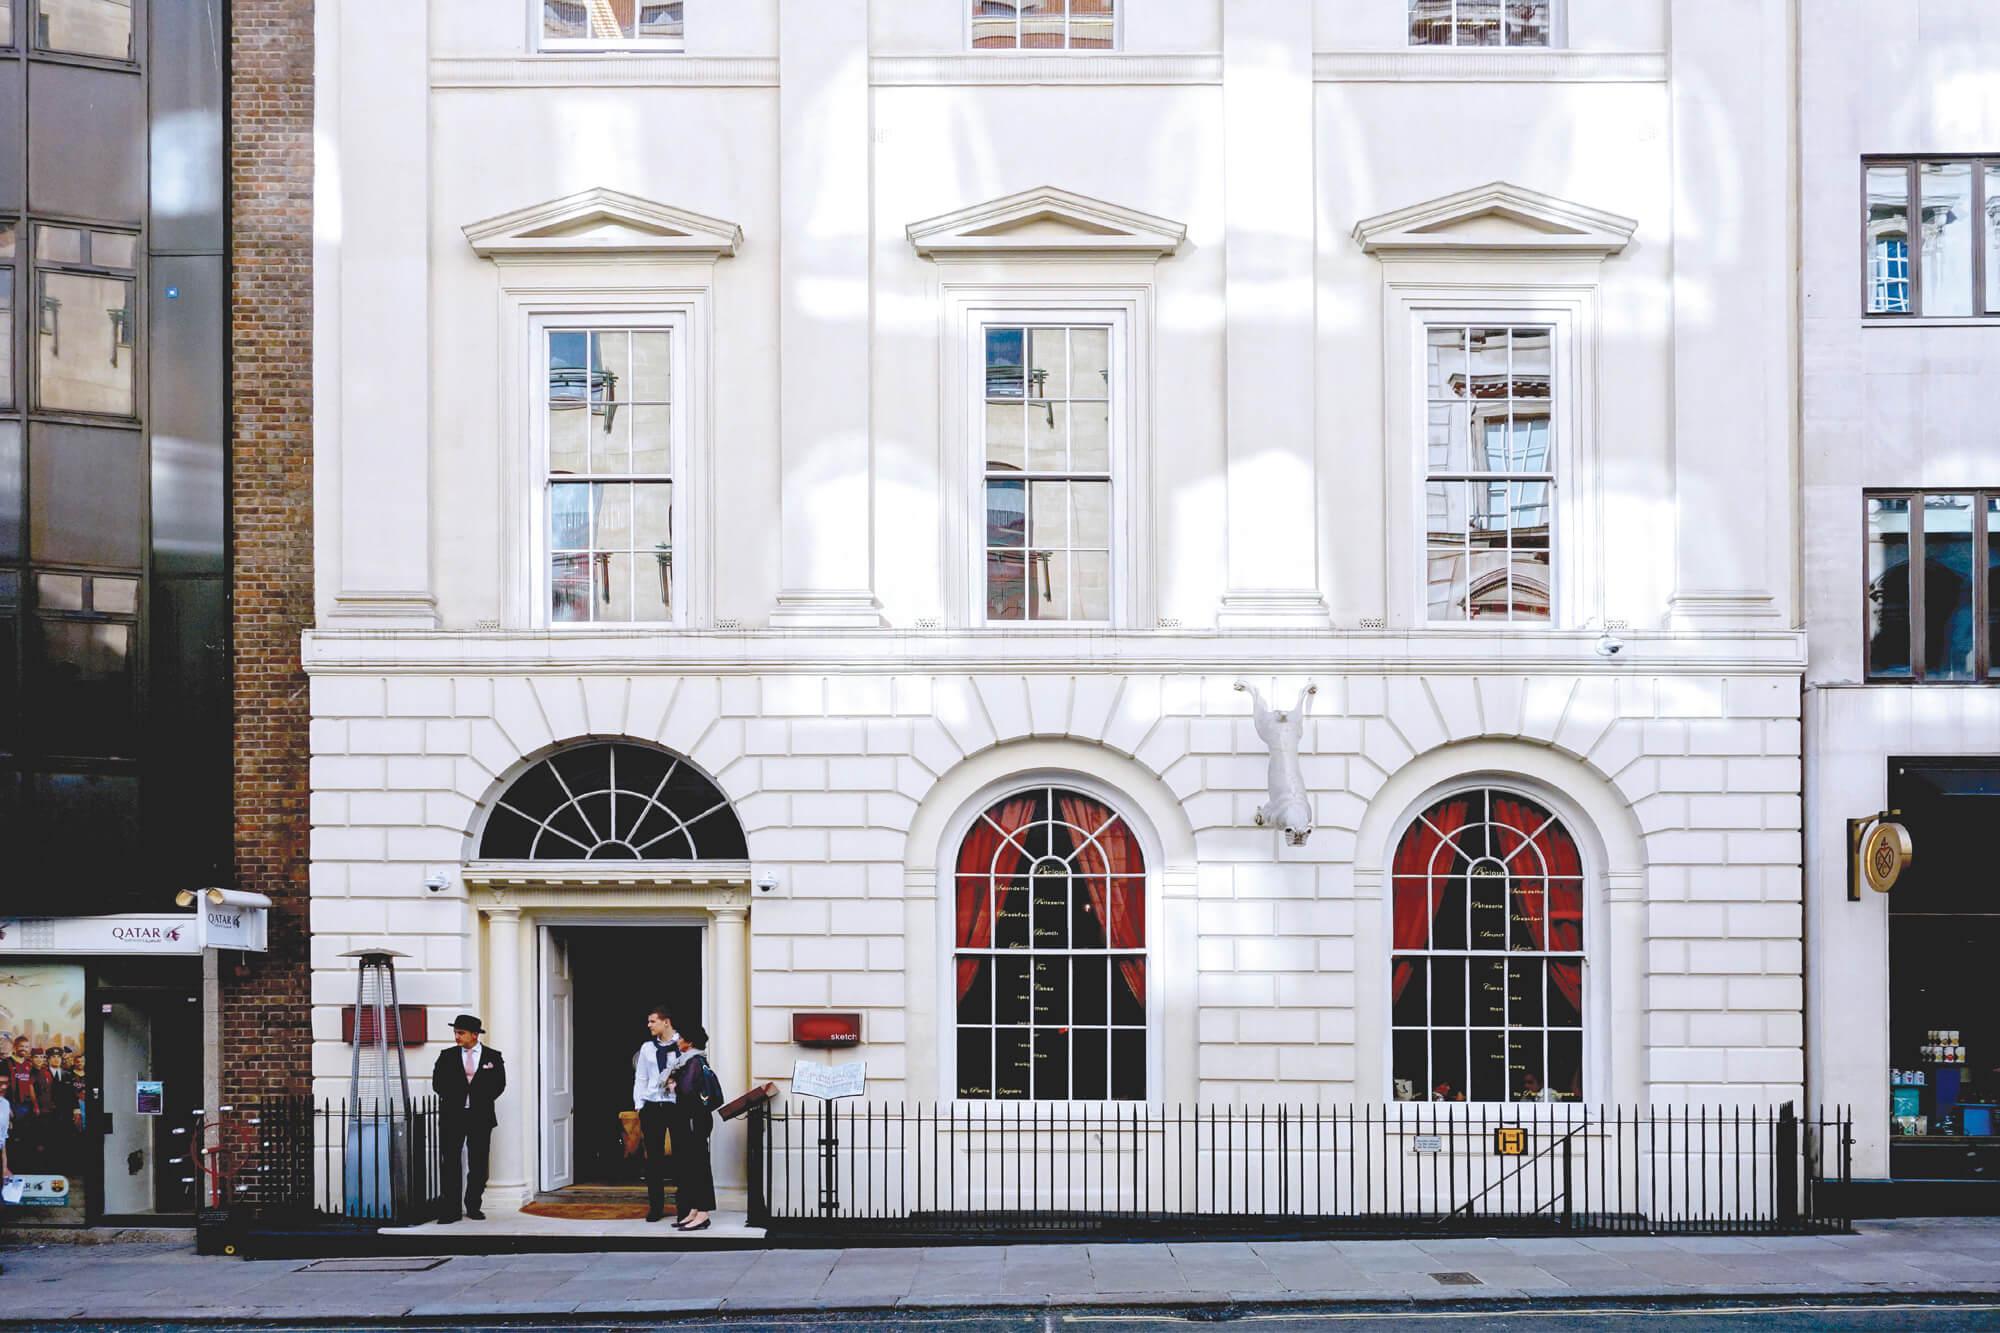 Photographie de la facade du restaurant Sketch à Londres situé au 9 conduit Street